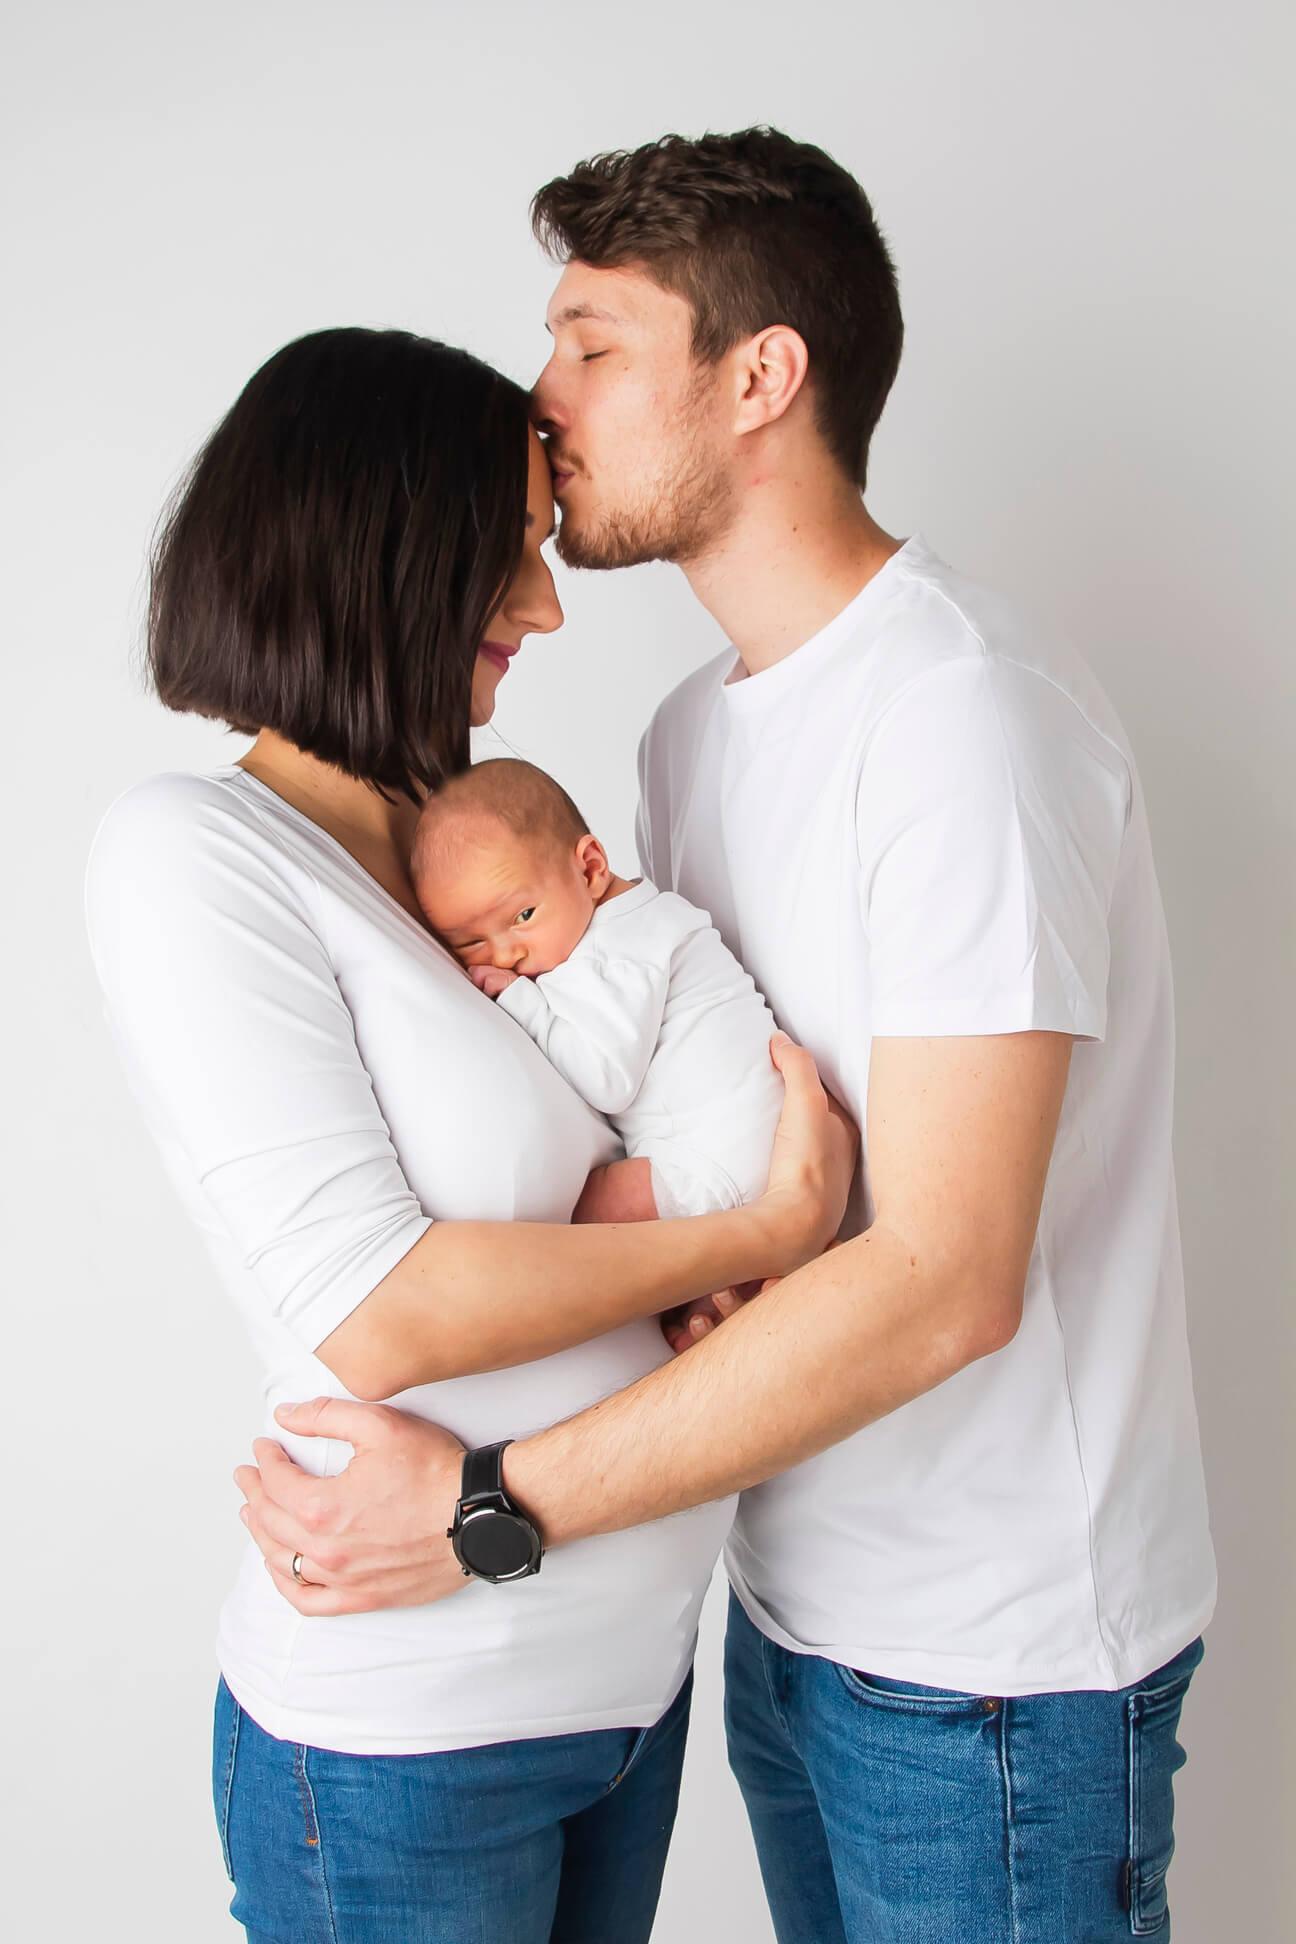 Novorodenecké fotenie Nové Zámky - Kitti Photo